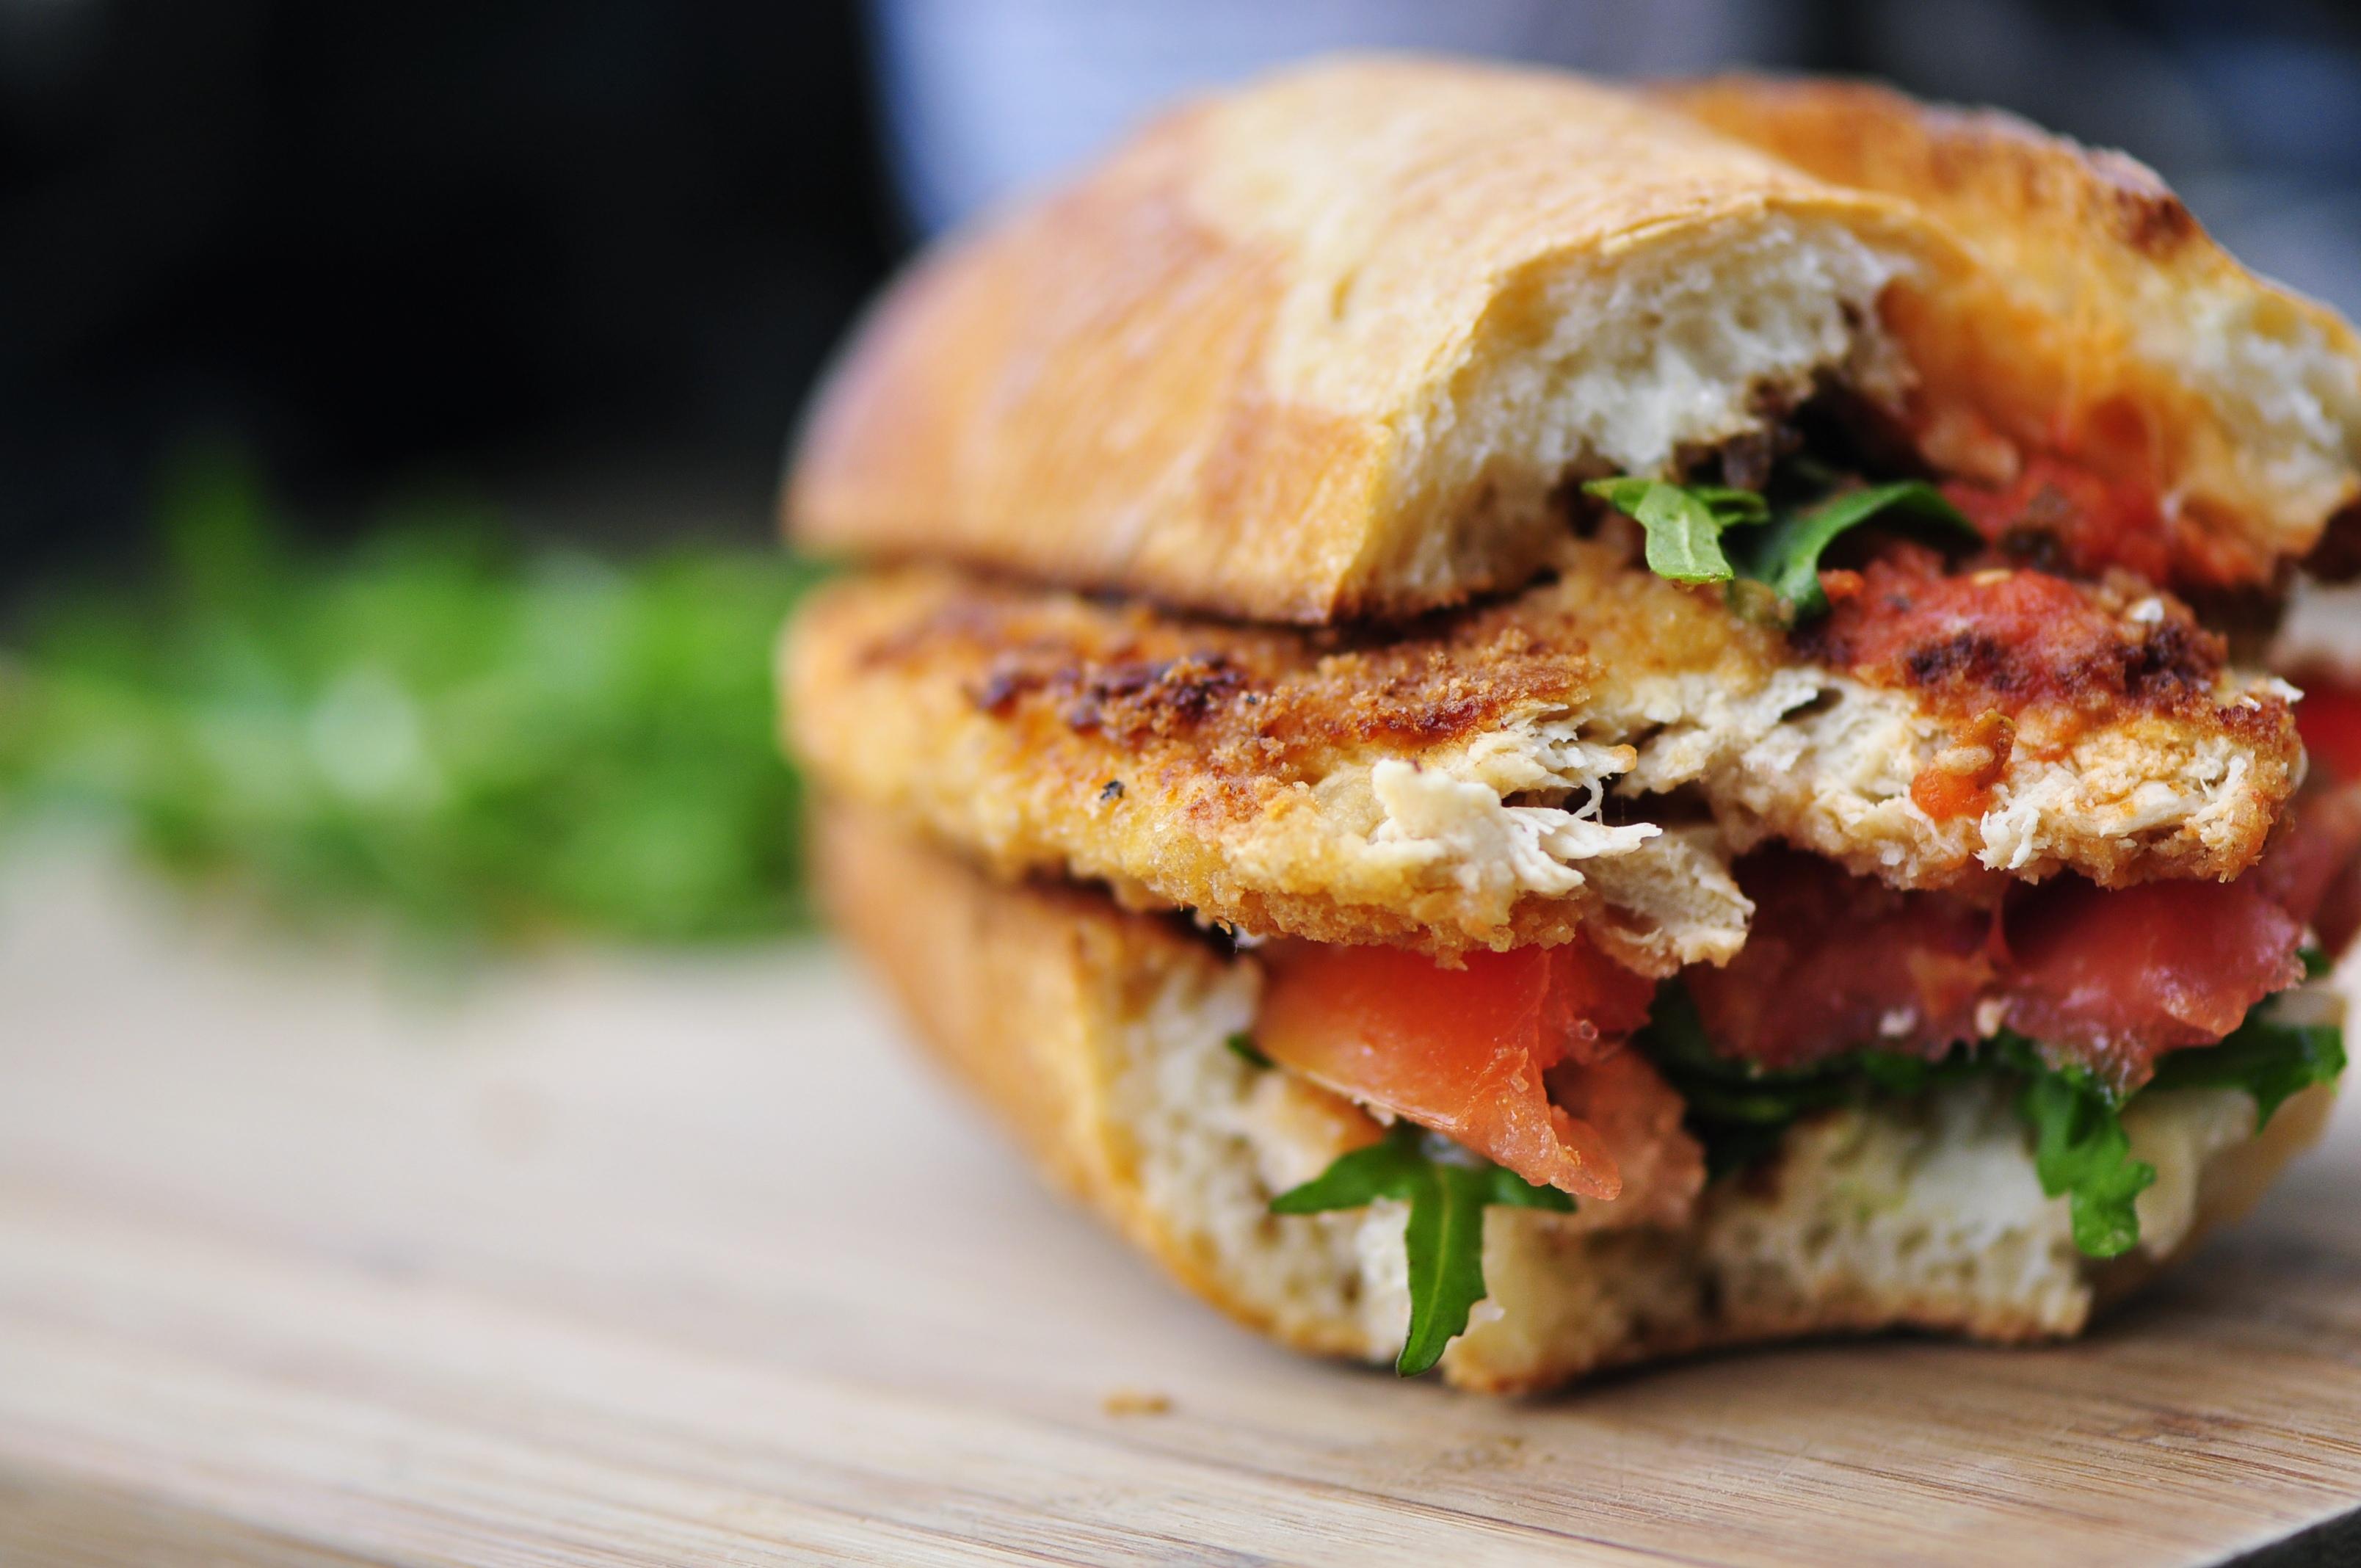 the vegetarian gingerVegan Veal ParmesanSandwichPost navigation